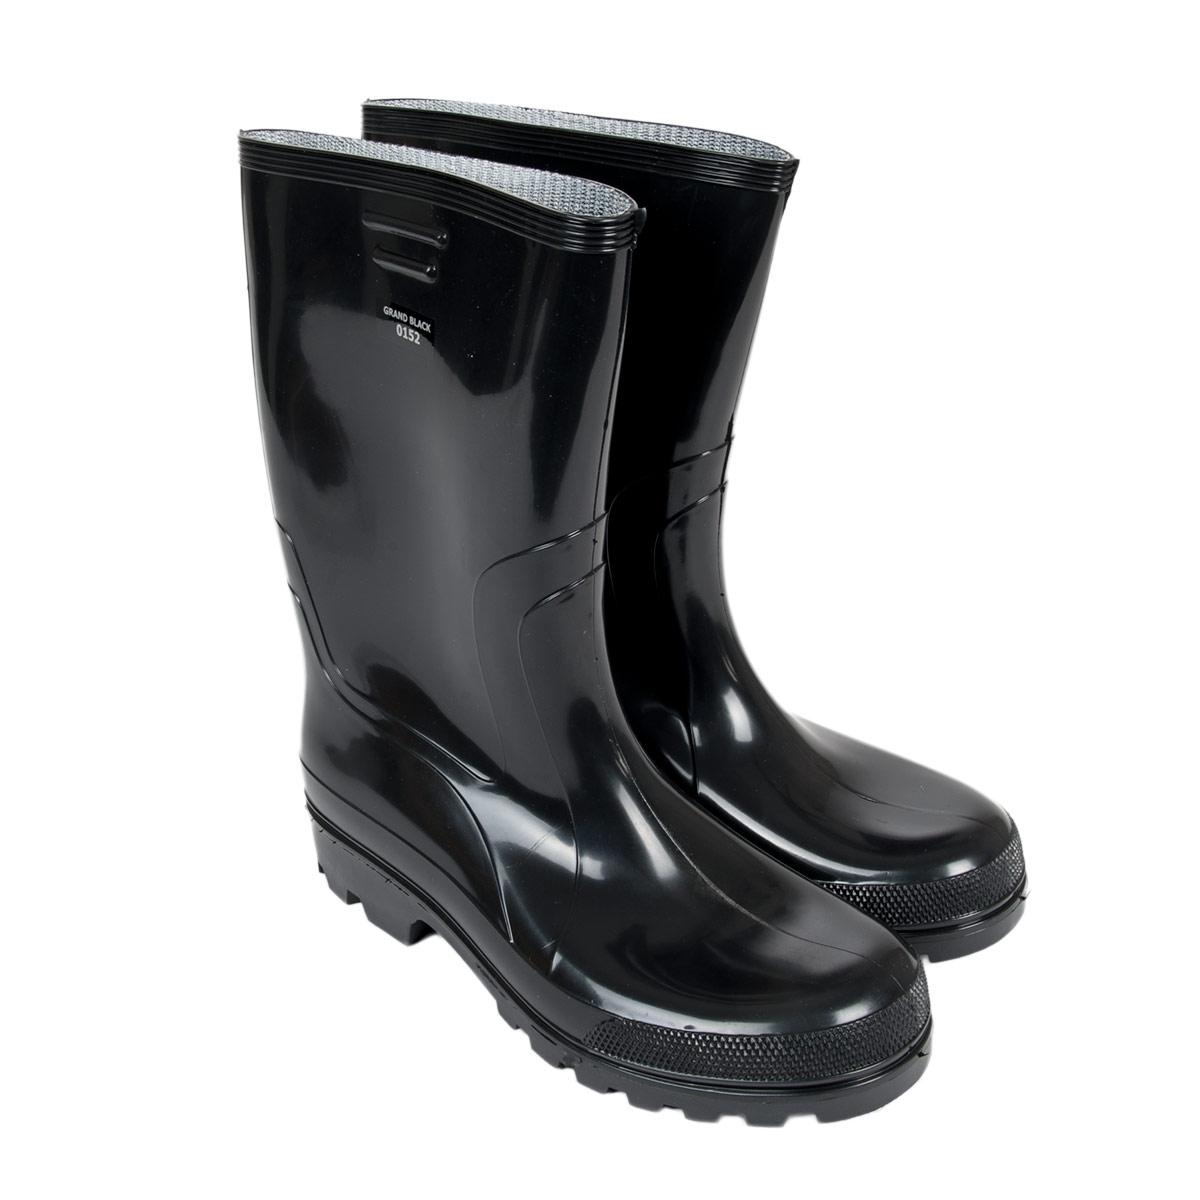 d54c598454 DEMAR stivali di gomma con suola antiscivolo e suola interna da uomo